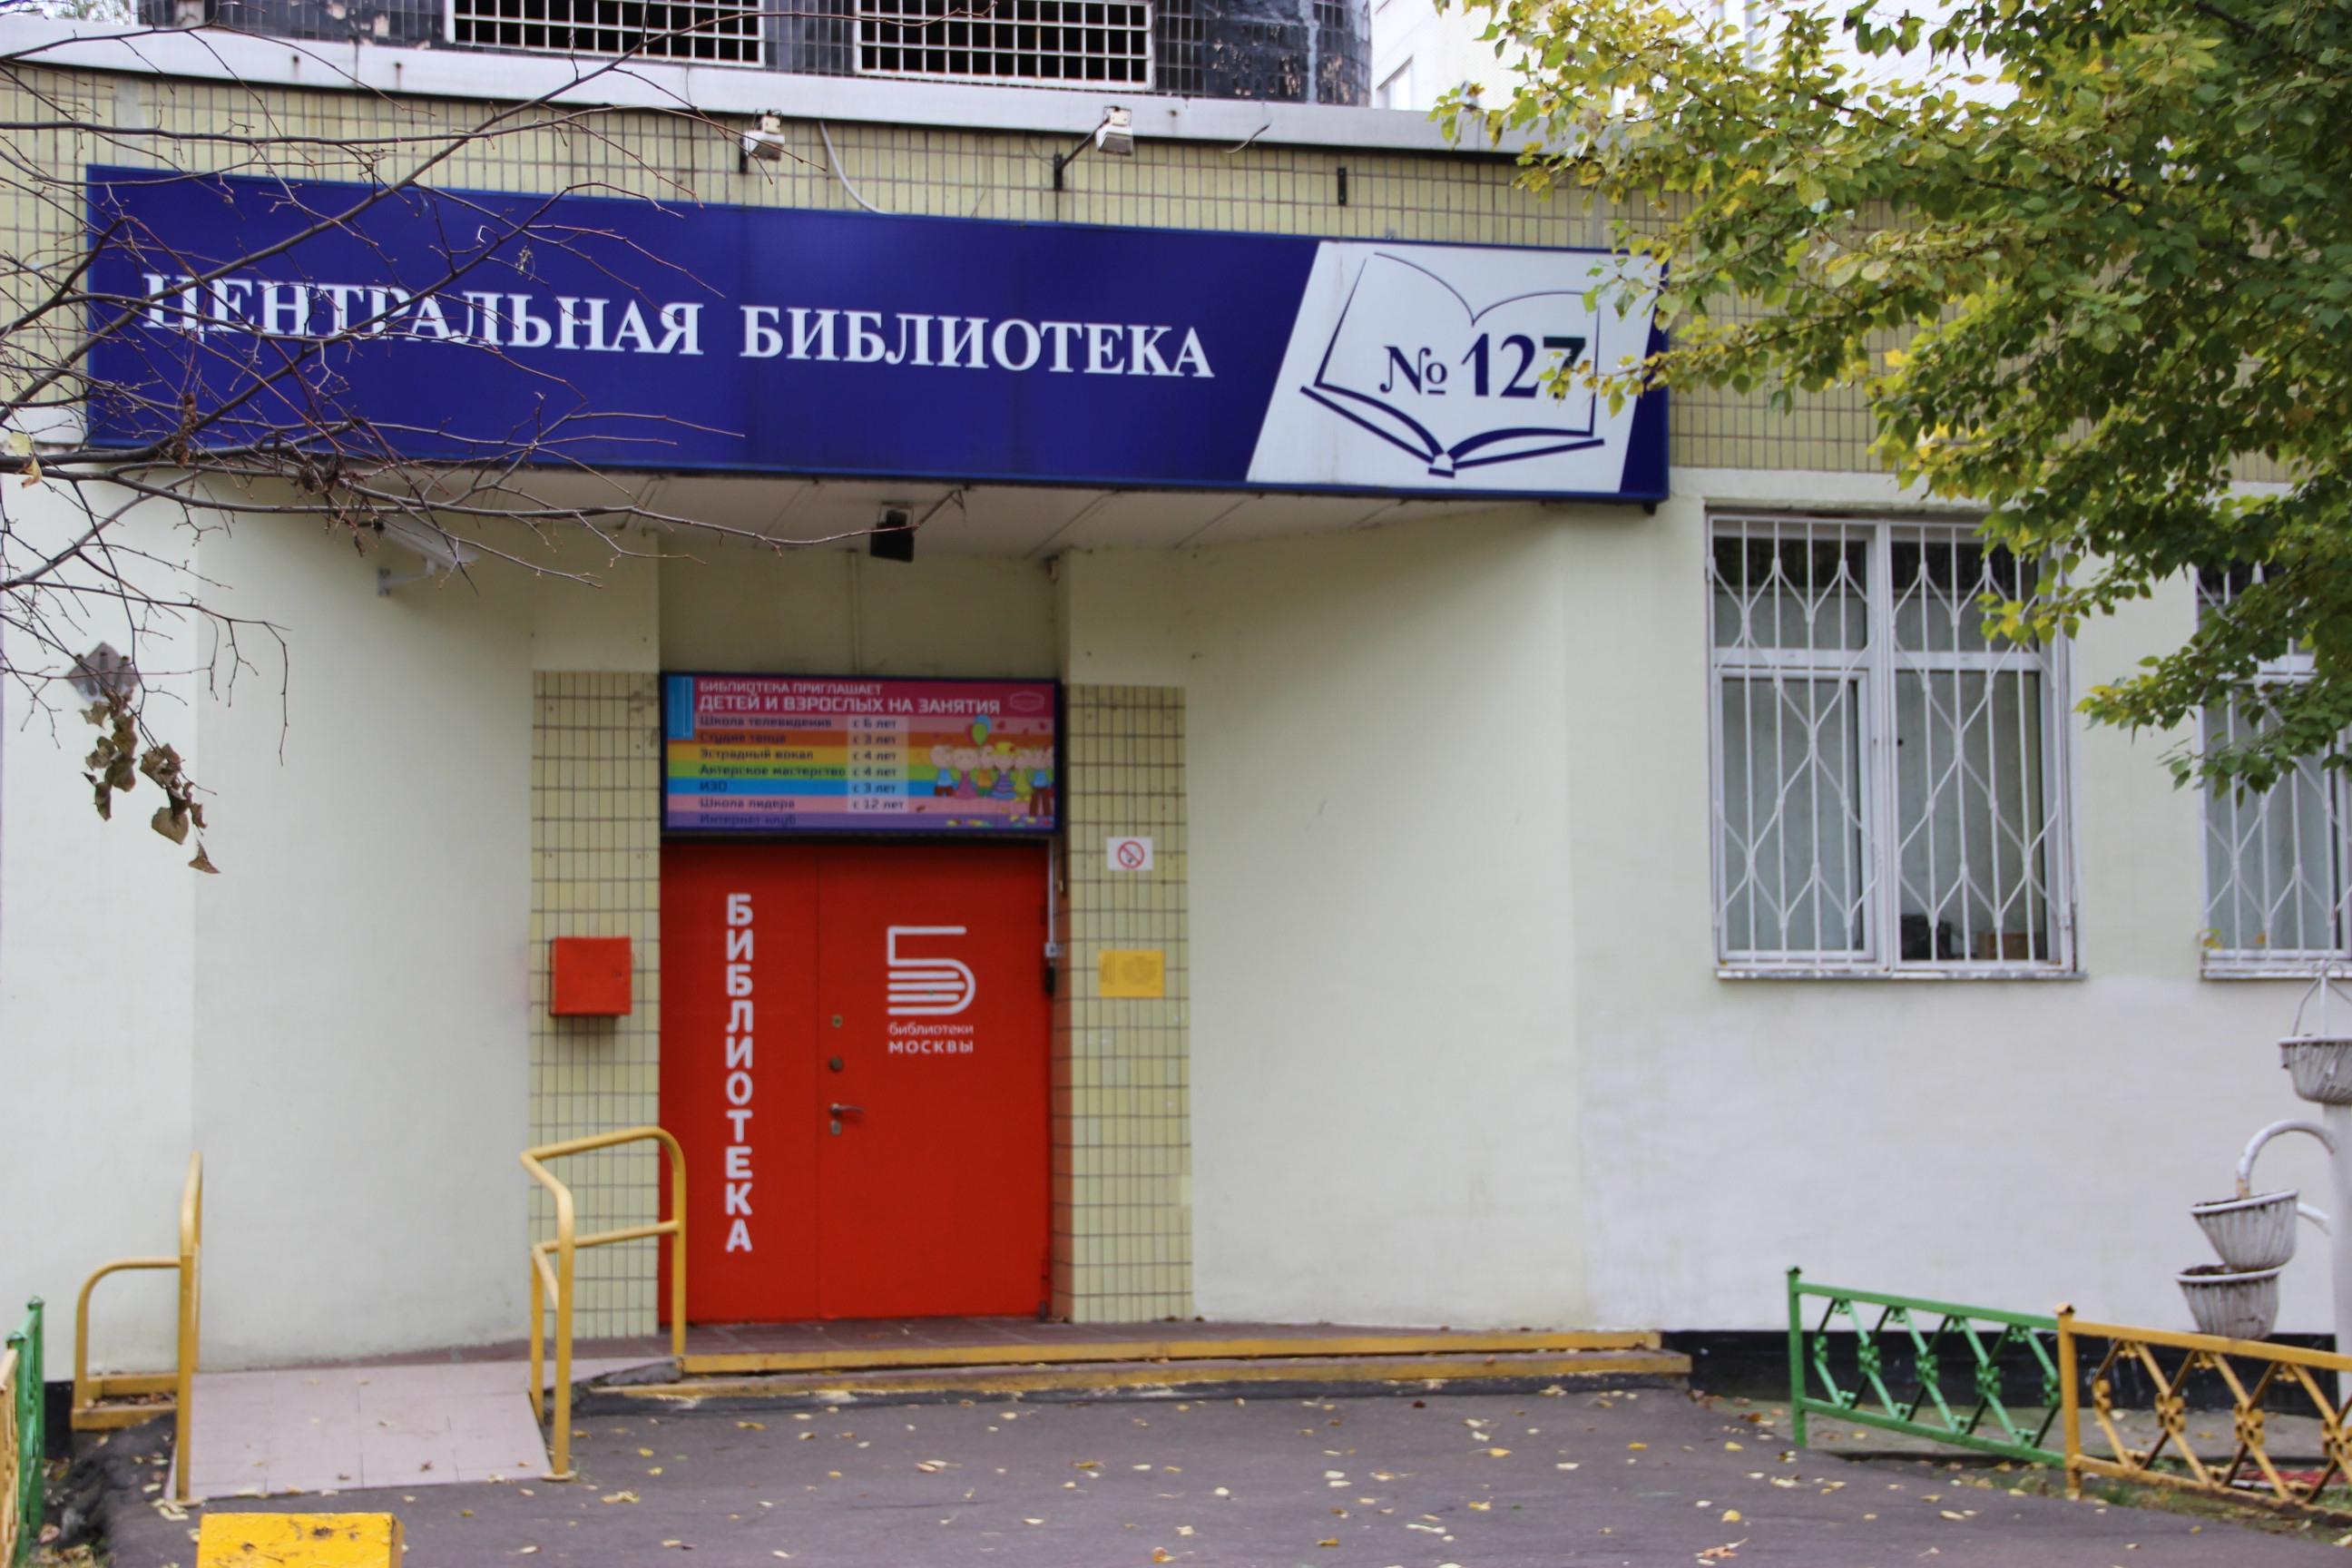 Трудовой договор Текстильщиков 7-я улица помощь в получении ипотеки в стерлитамаке